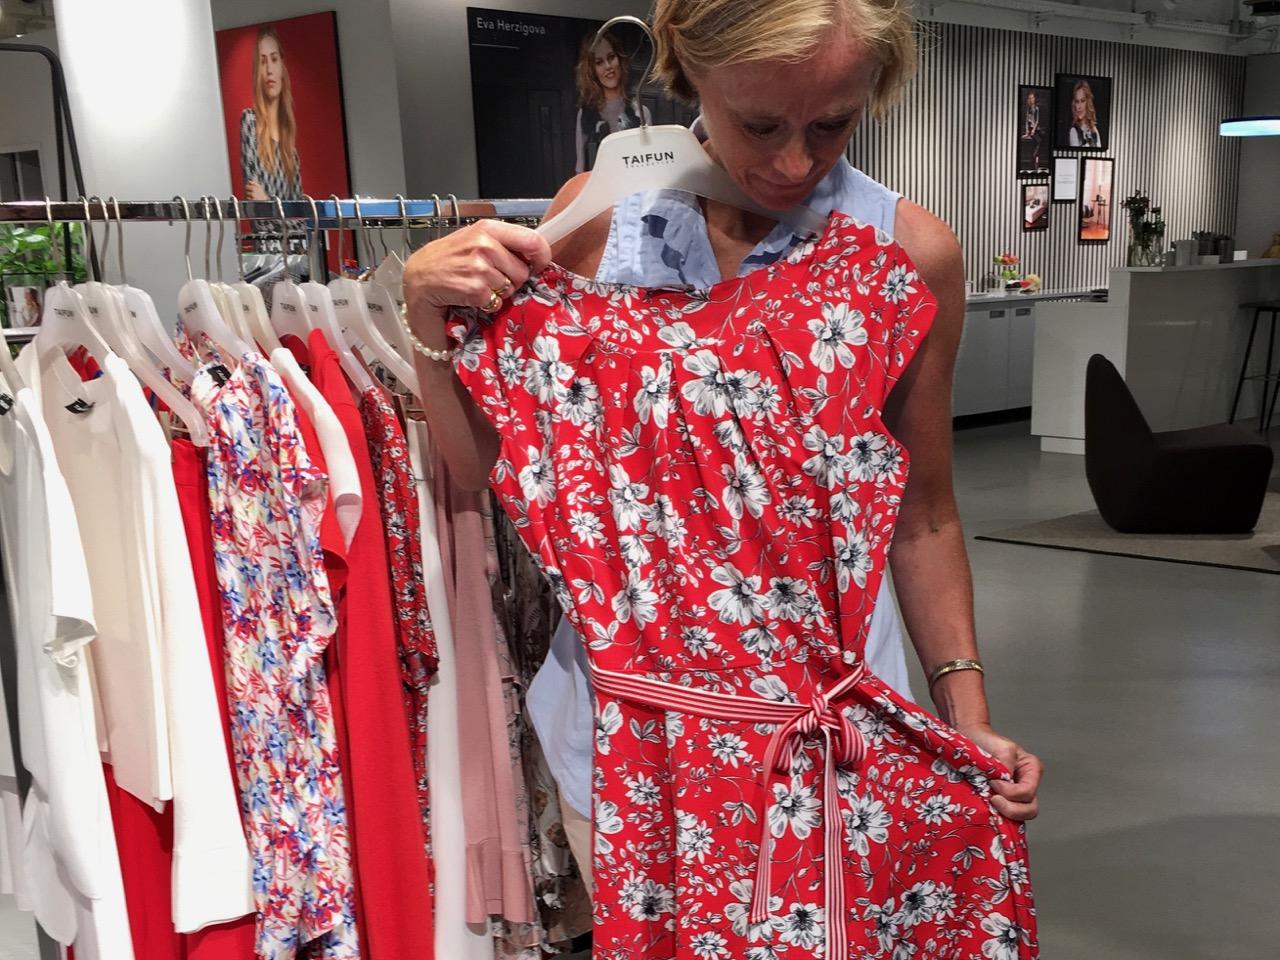 10e9600408a7 Hos Gerry såg vi det modet som har börjat att växa fram för oss; klänningar  (långa och korta), vida byxor, längre kjolar, t-shirts och linnen, ...